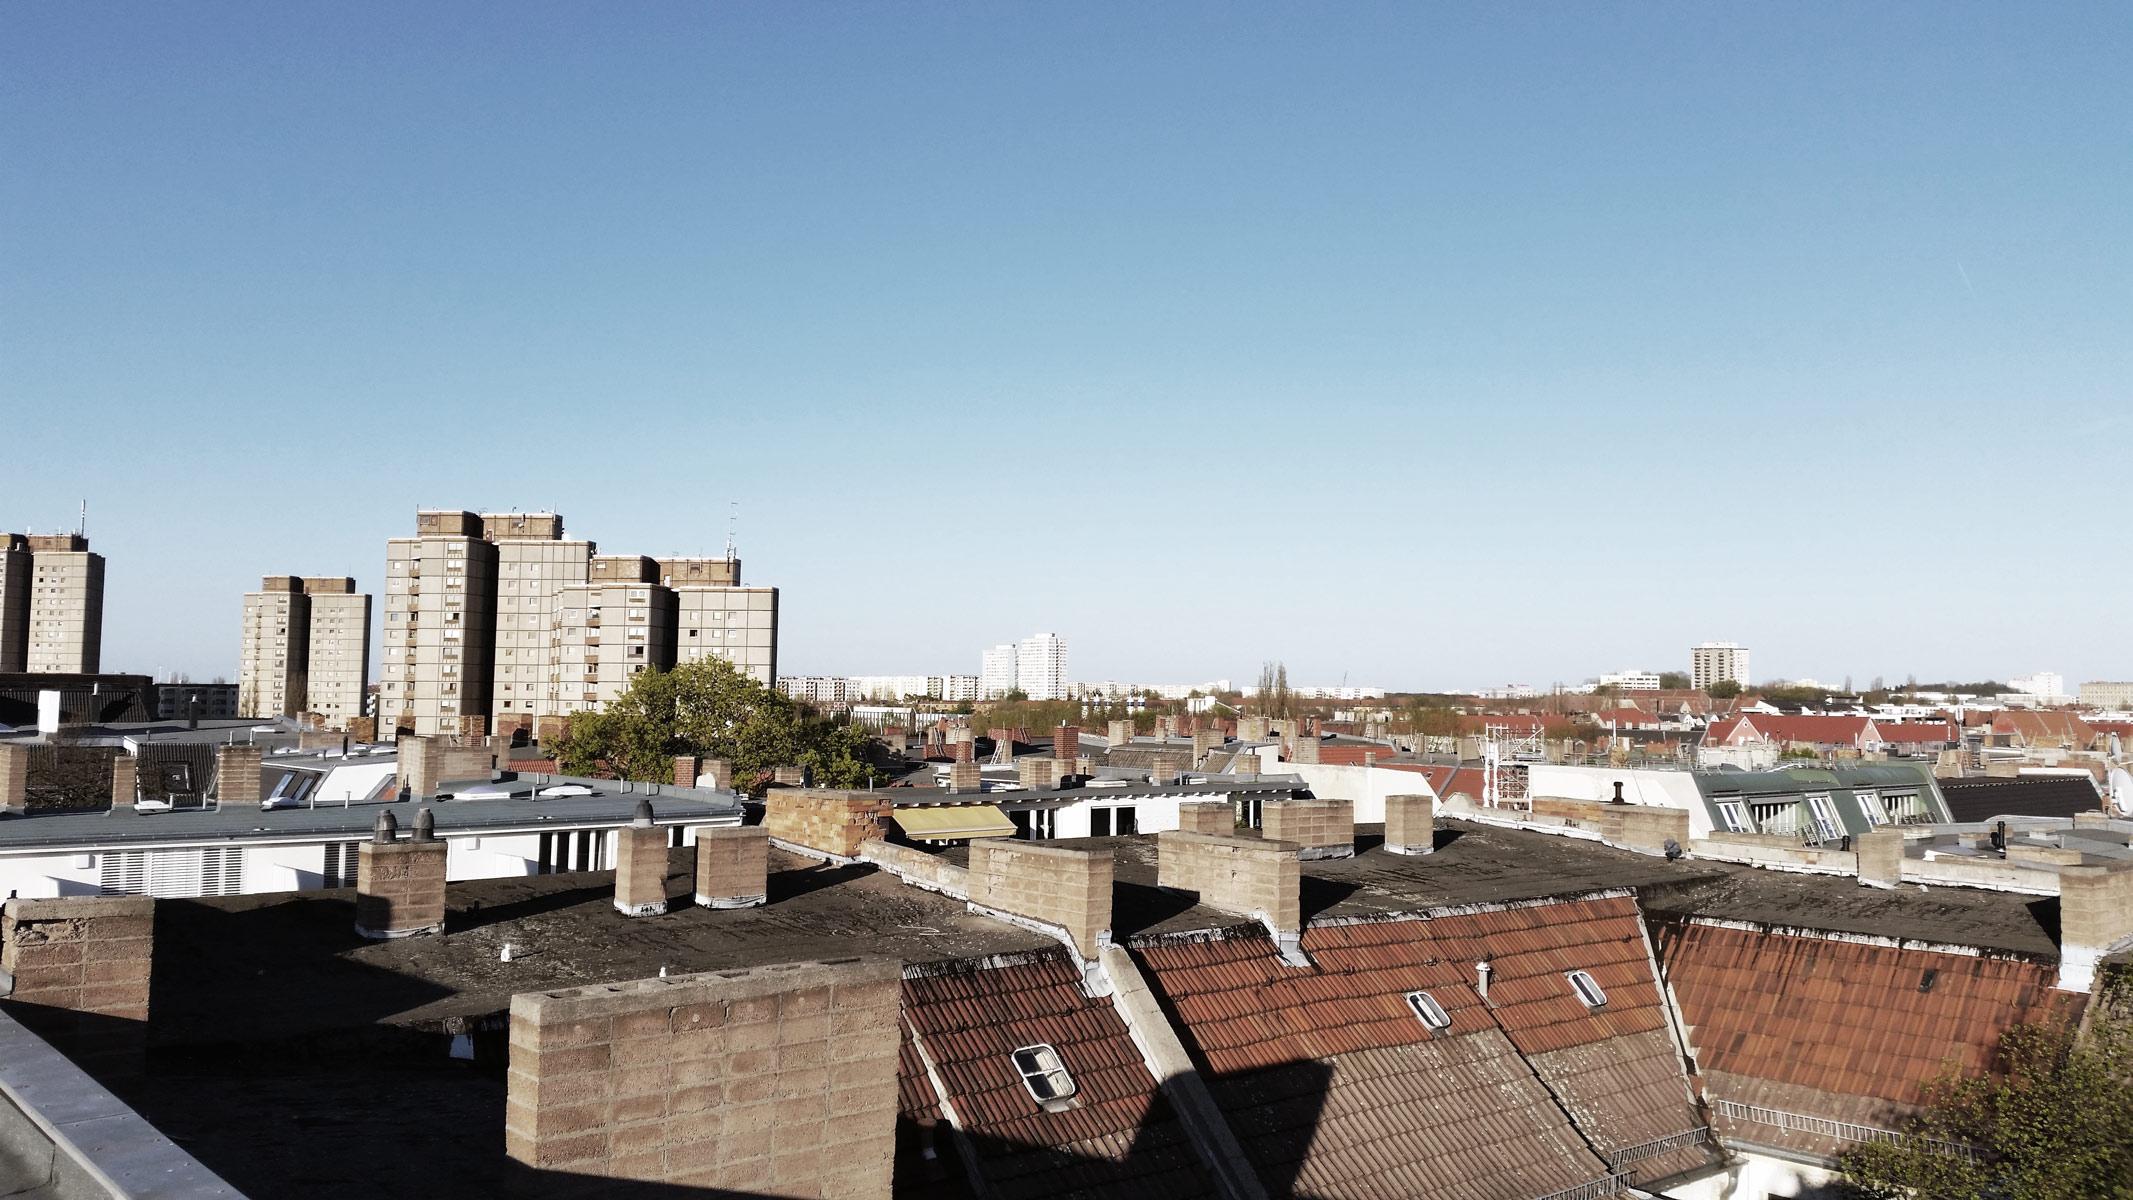 WUB-Dachrohling-kaufen